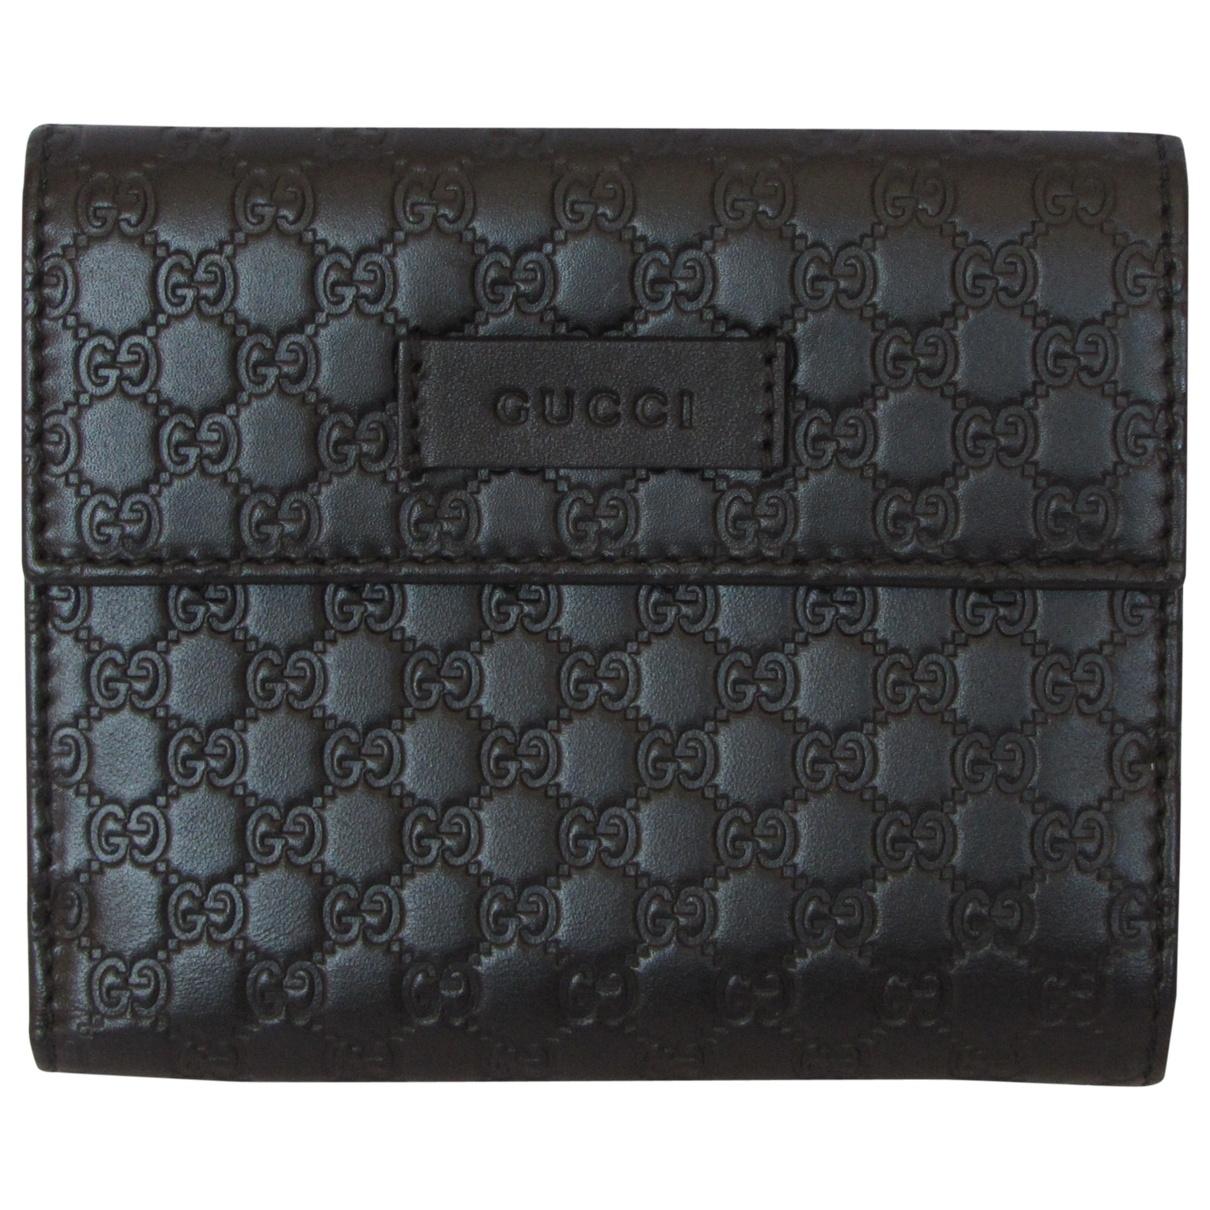 Gucci - Portefeuille Continental pour femme en cuir - marron